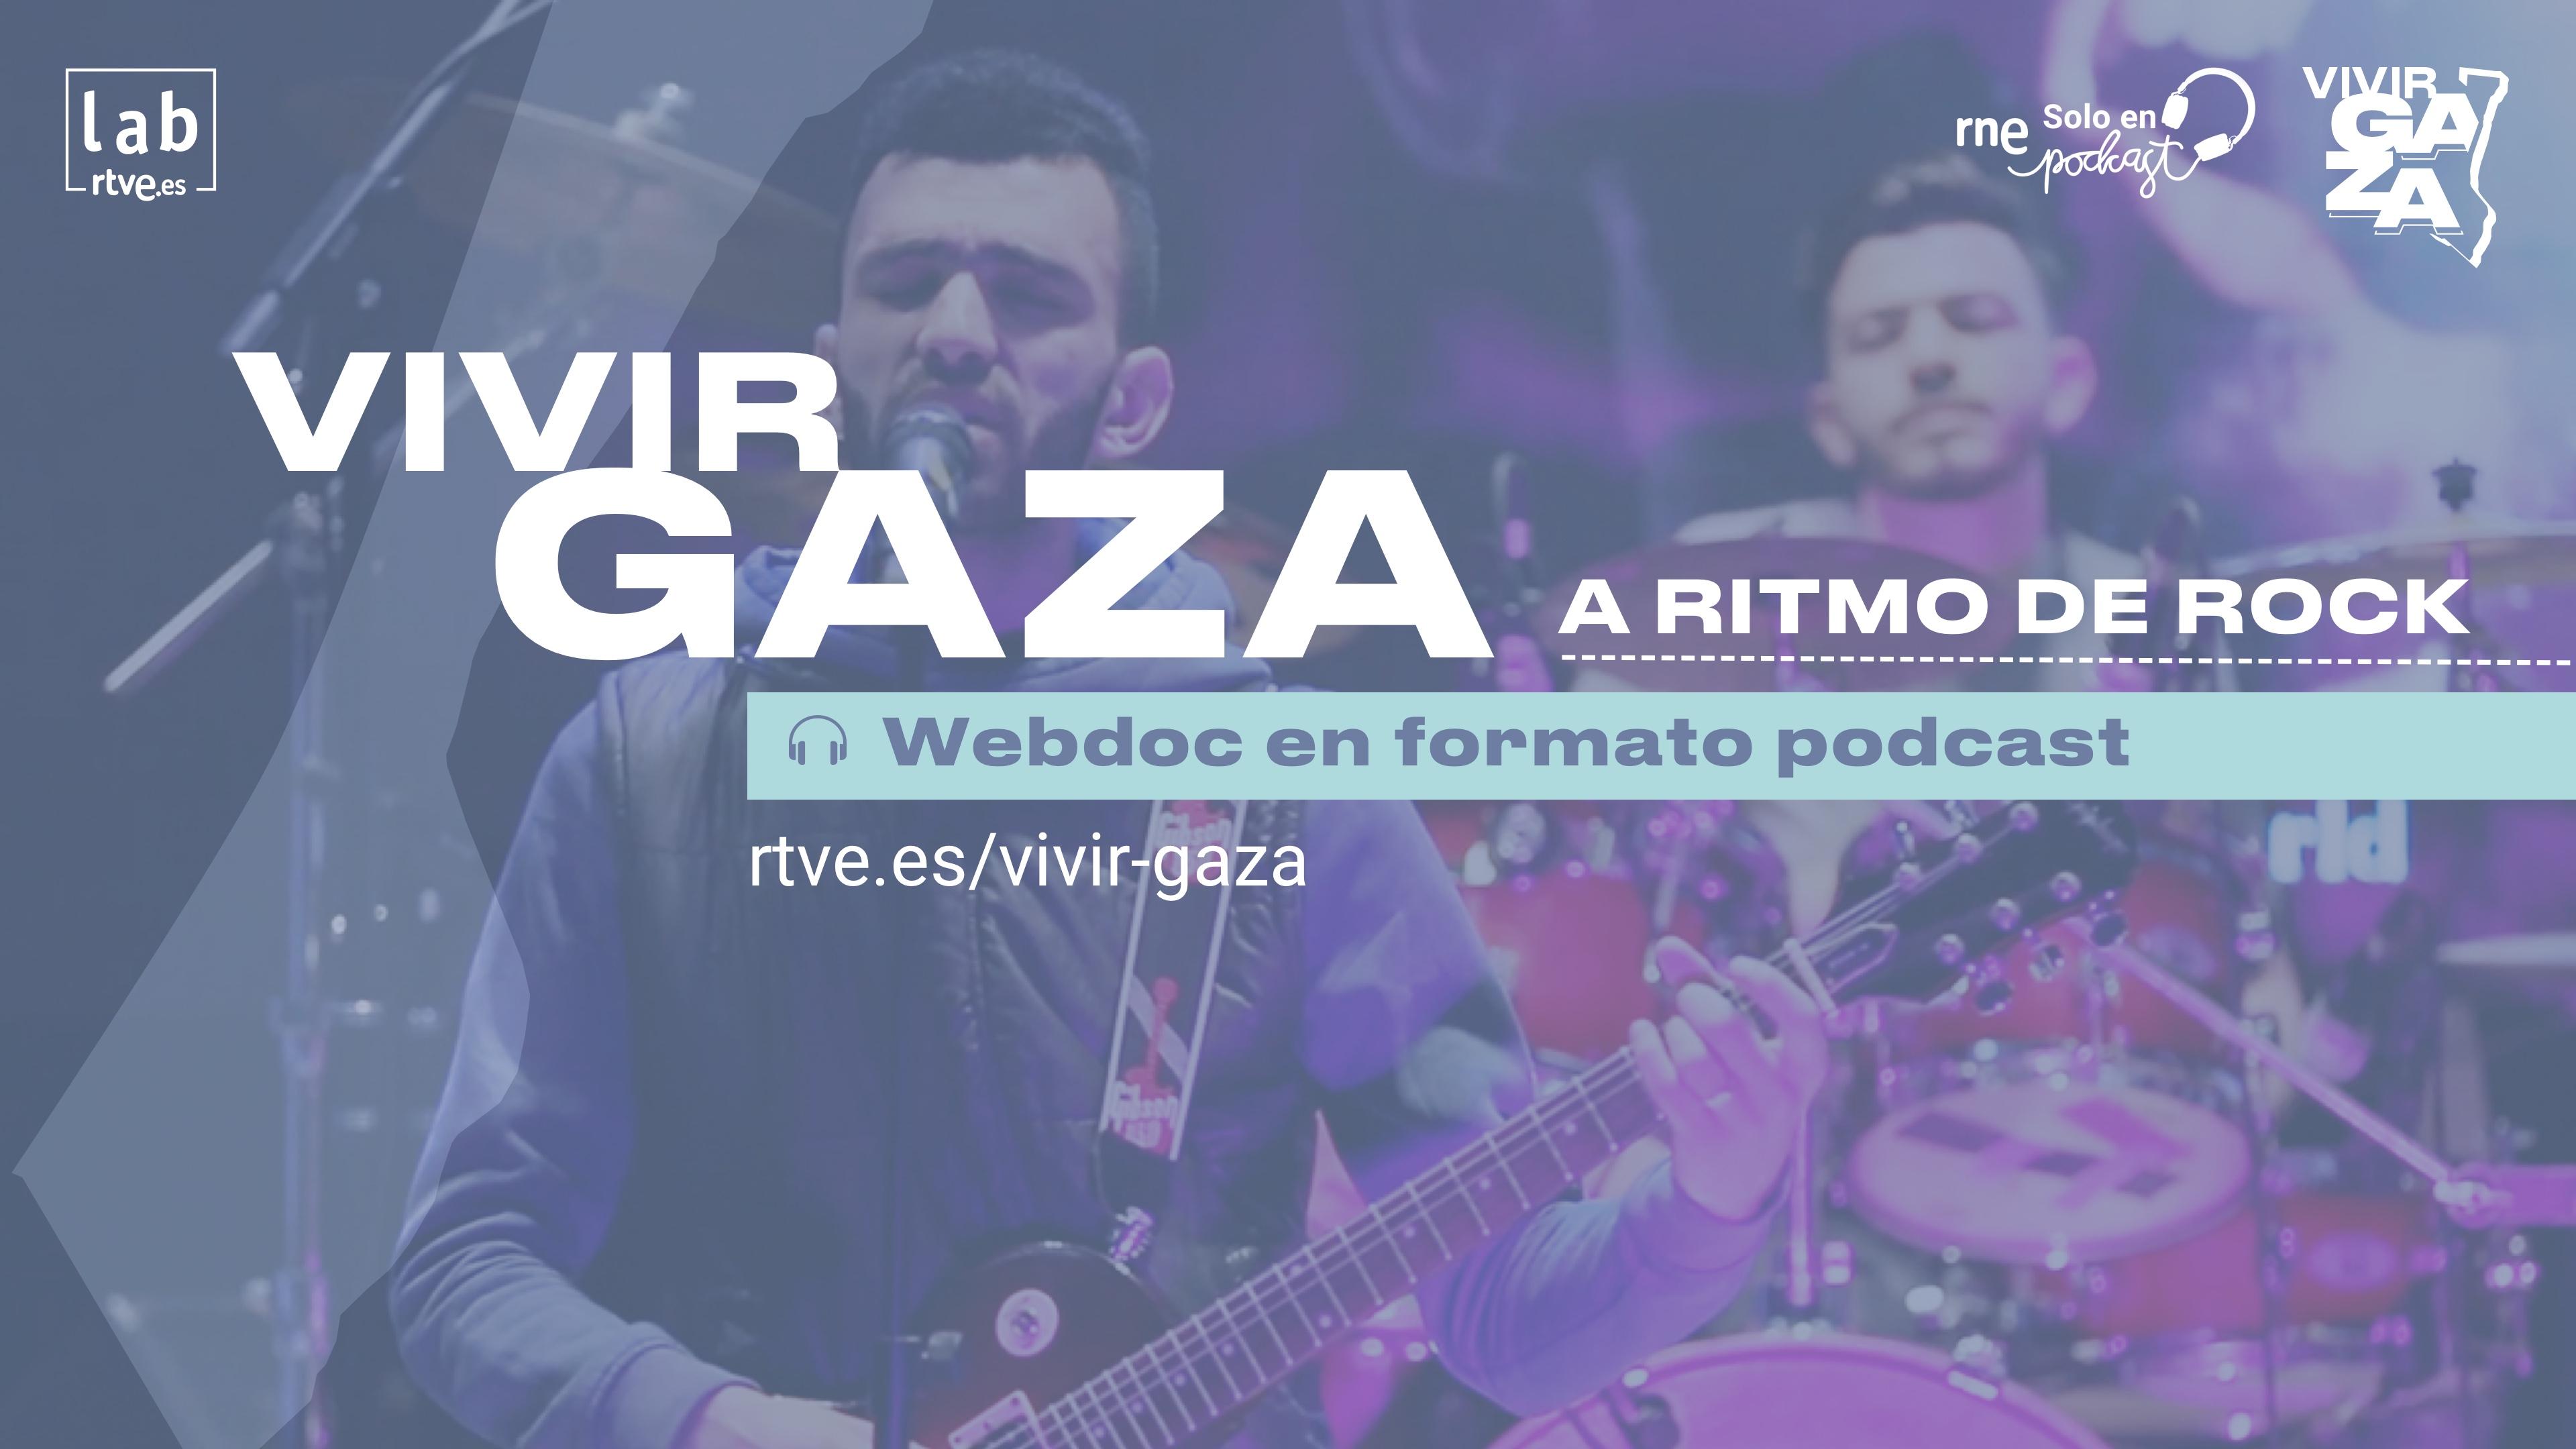 Vivir Gaza - A Ritmo de Rock